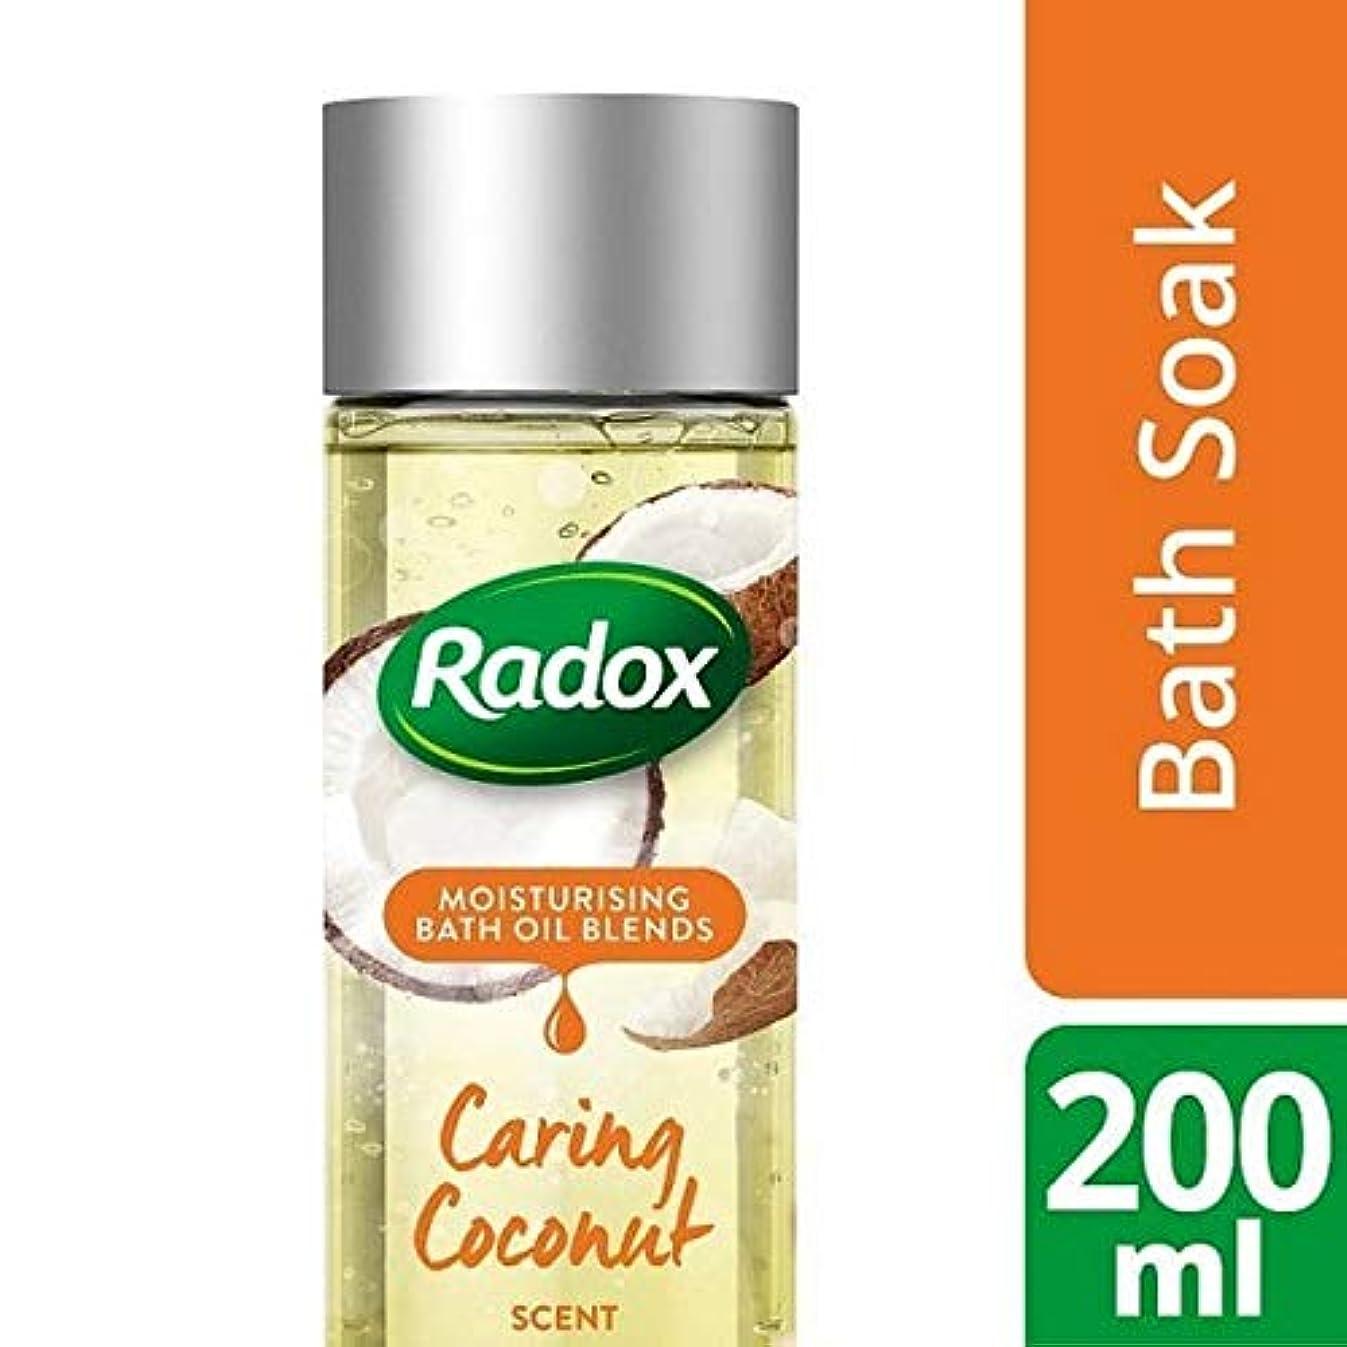 背が高い偽日焼け[Radox] Radoxのバスオイル思いやりのあるココナッツの香りの200ミリリットル - Radox Bath Oil Caring Coconut Scent 200ml [並行輸入品]